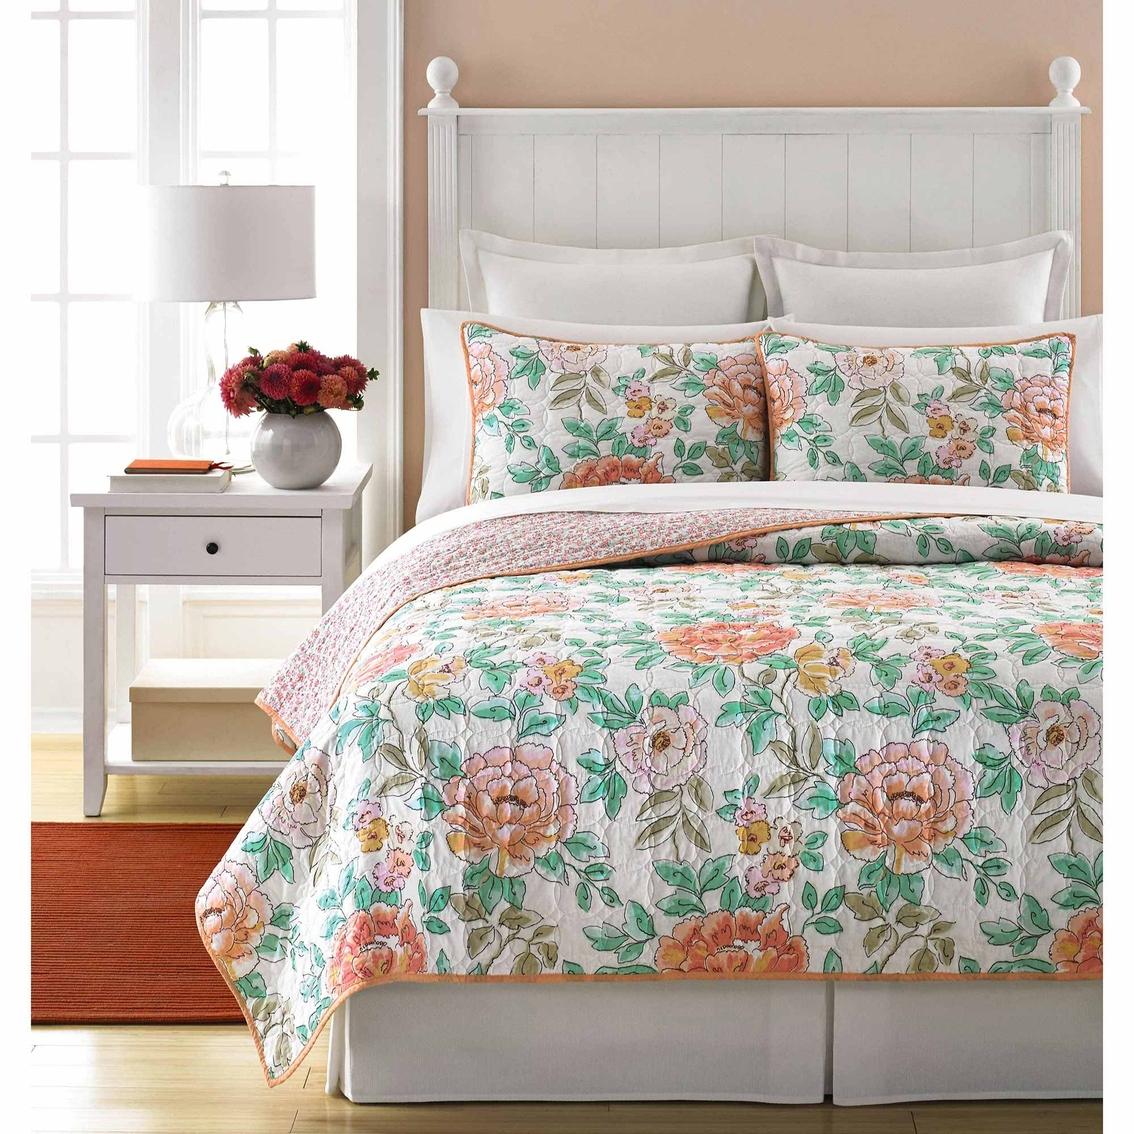 Martha Stewart Bedroom: Martha Stewart Collection Village Peony Quilt